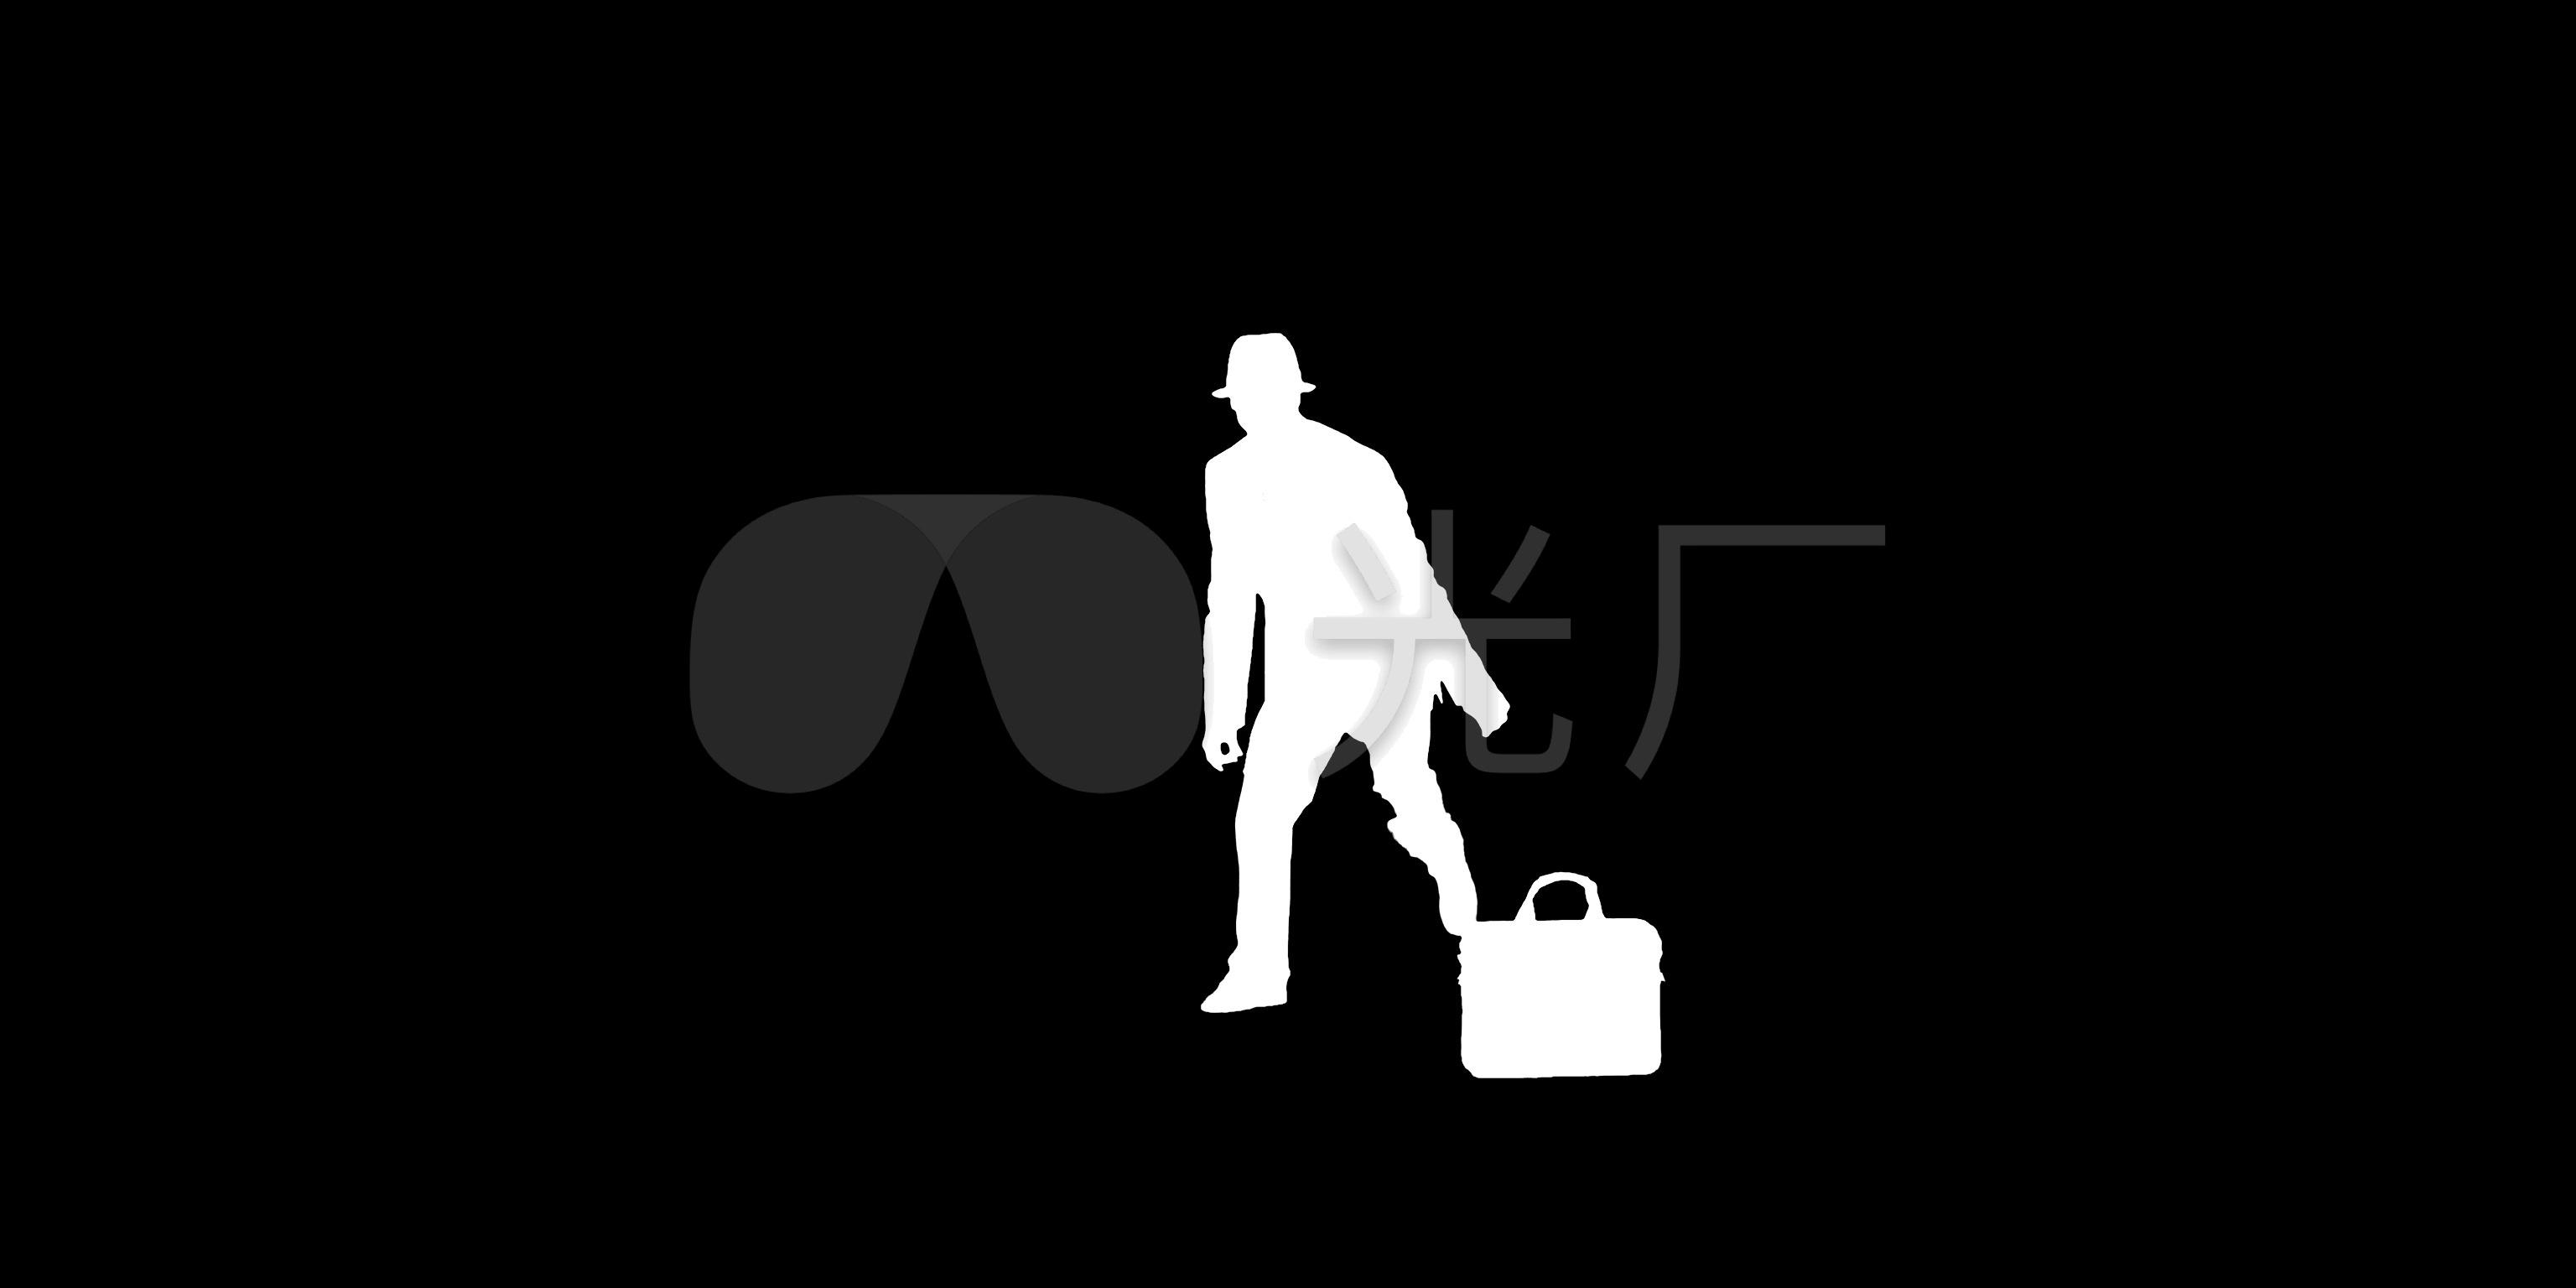 视频剪影动态黑白跳舞抠像视频_3072X1536_包云炖男人图片